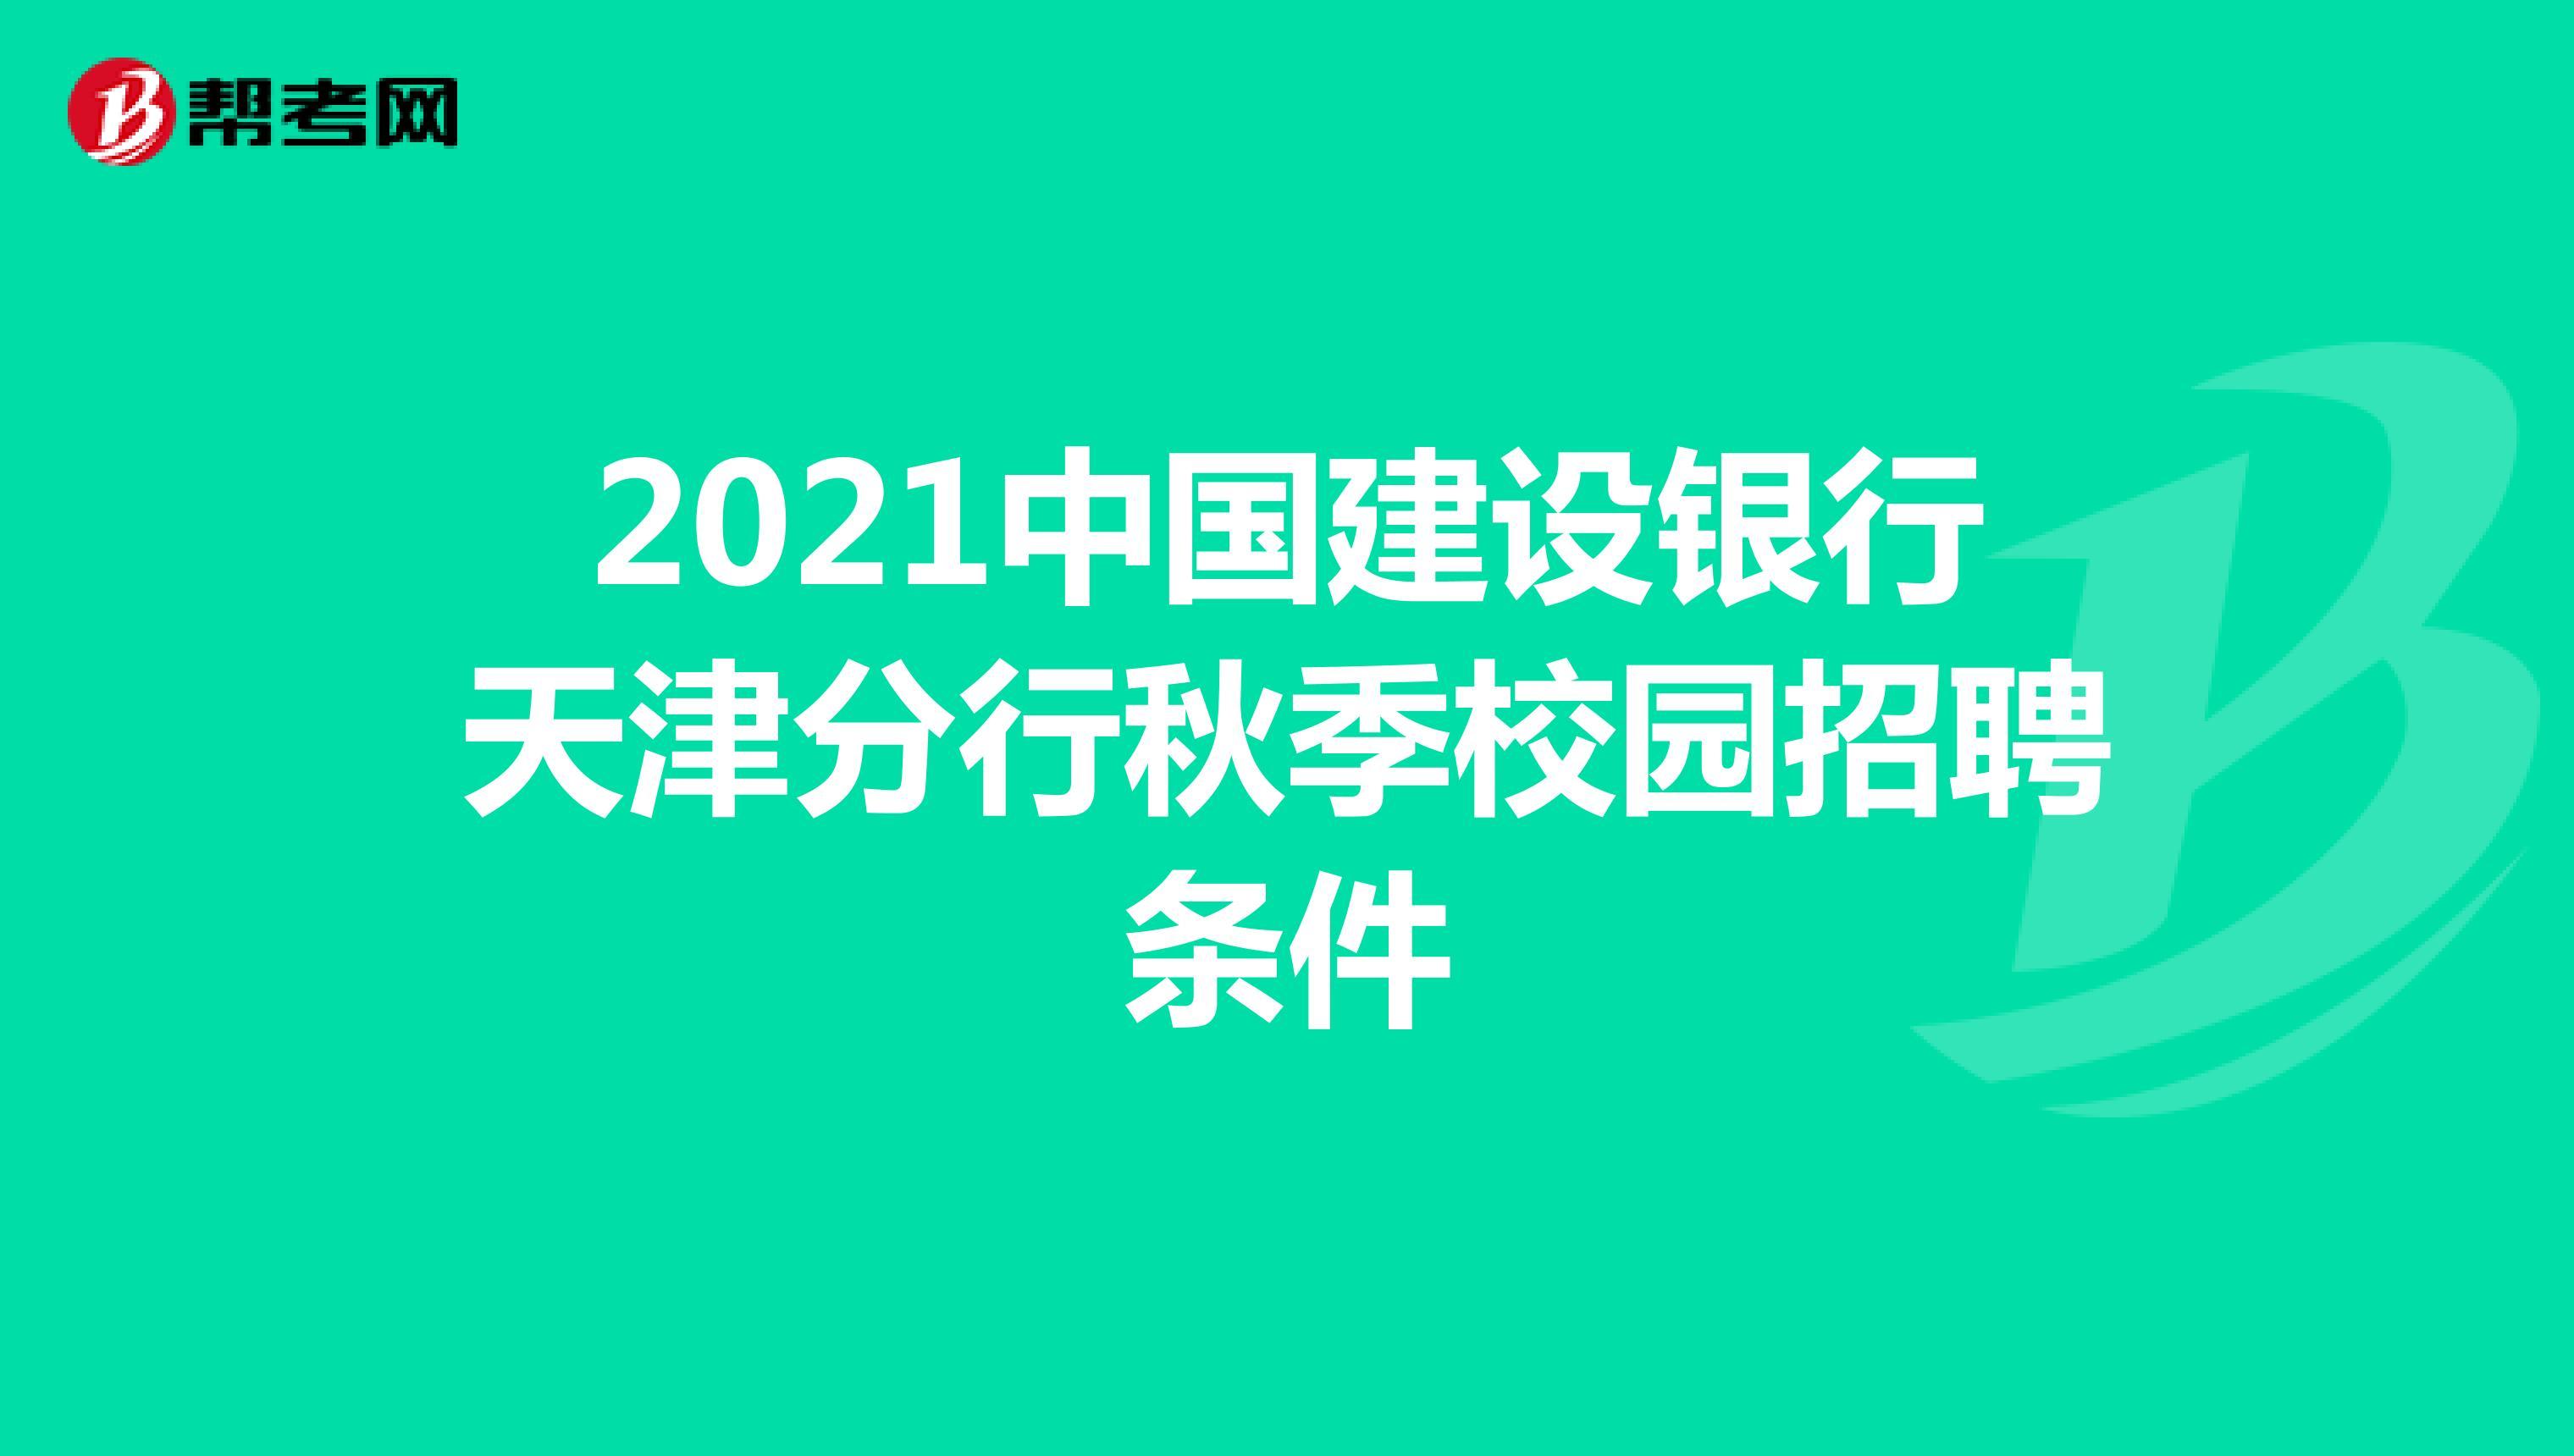 2021中国建设银行天津分行秋季校园招聘条件